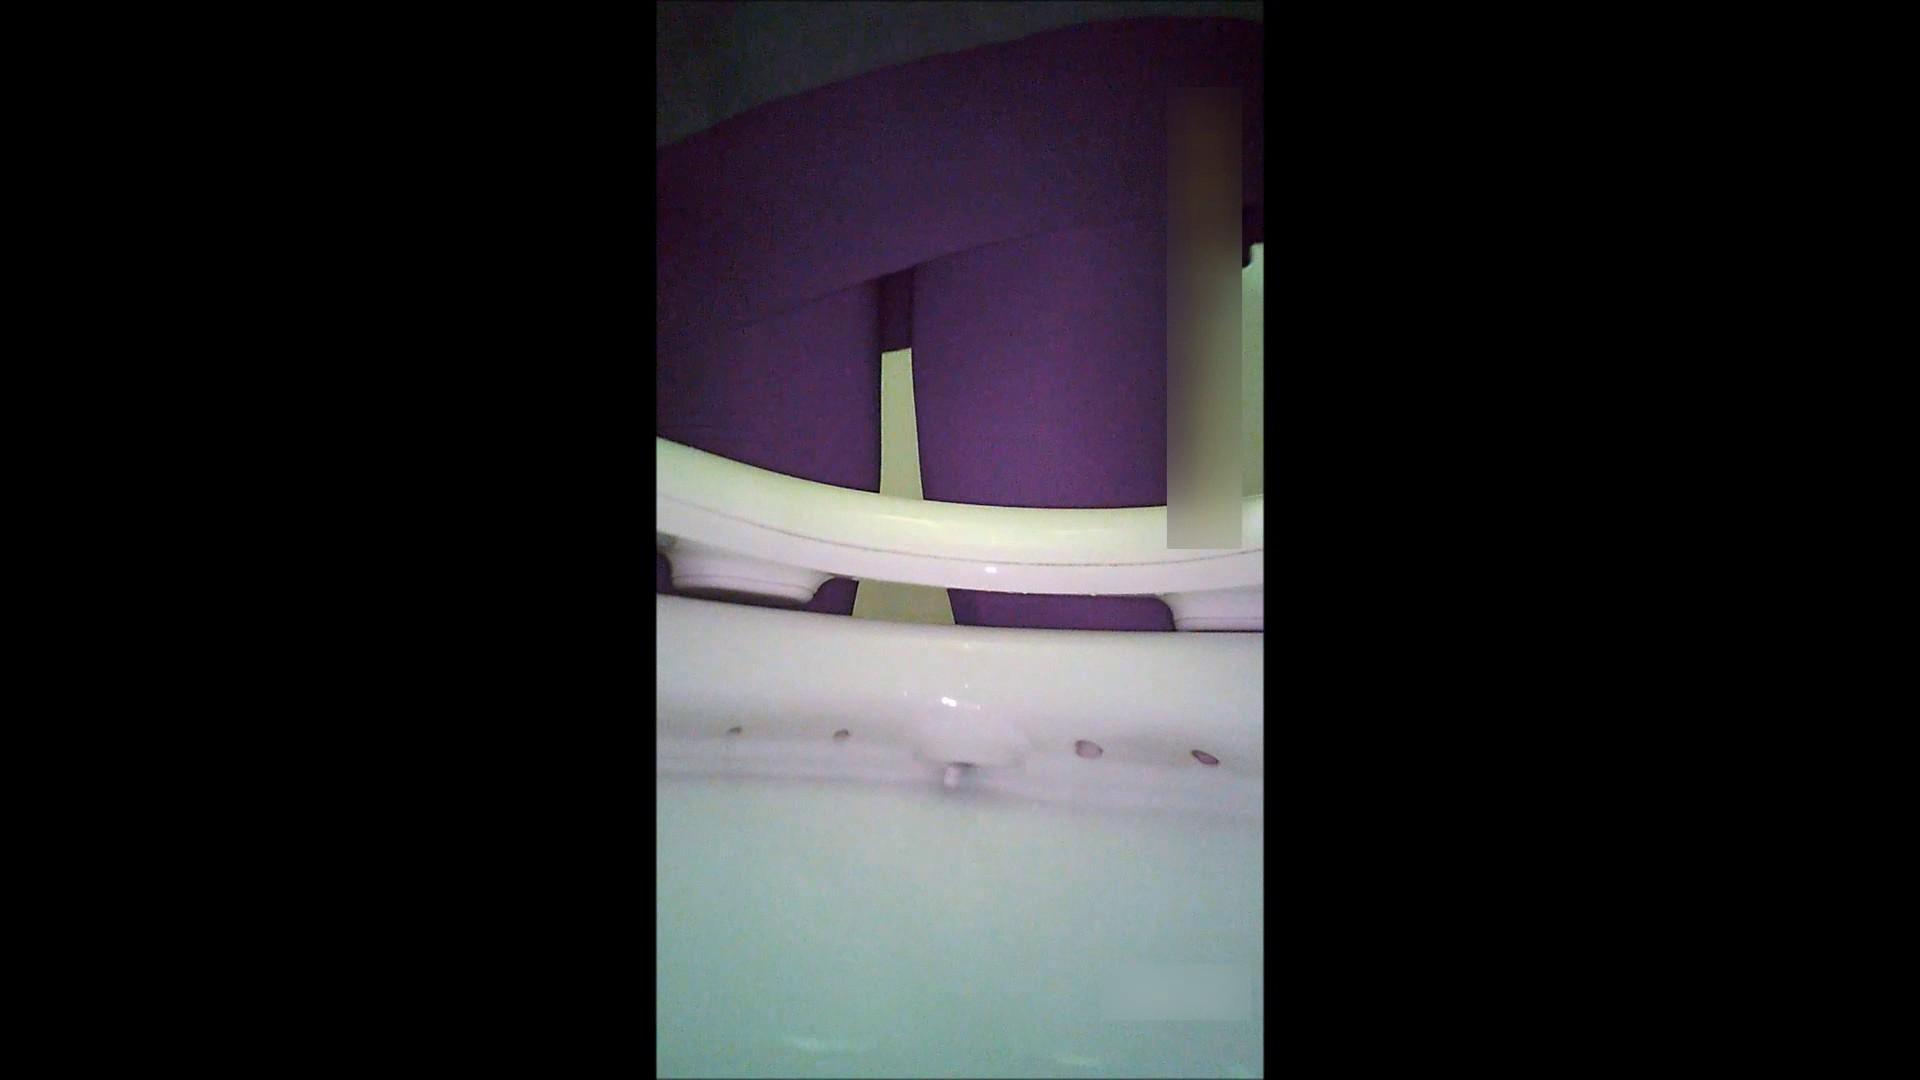 キレカワ女子大生の秘密の洗面所!Vol.051 美しいOLの裸体 | 盗撮師作品  95pic 57